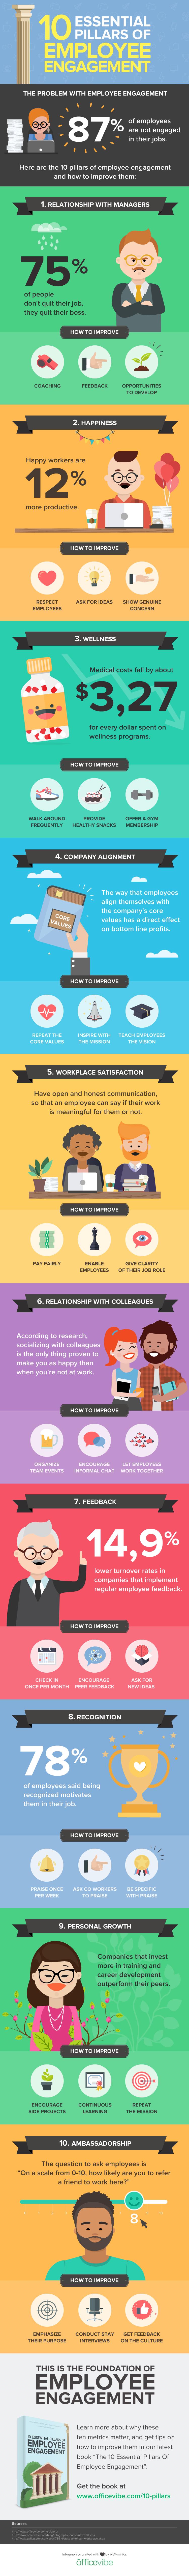 Les dix piliers de l'engagement des collaborateurs